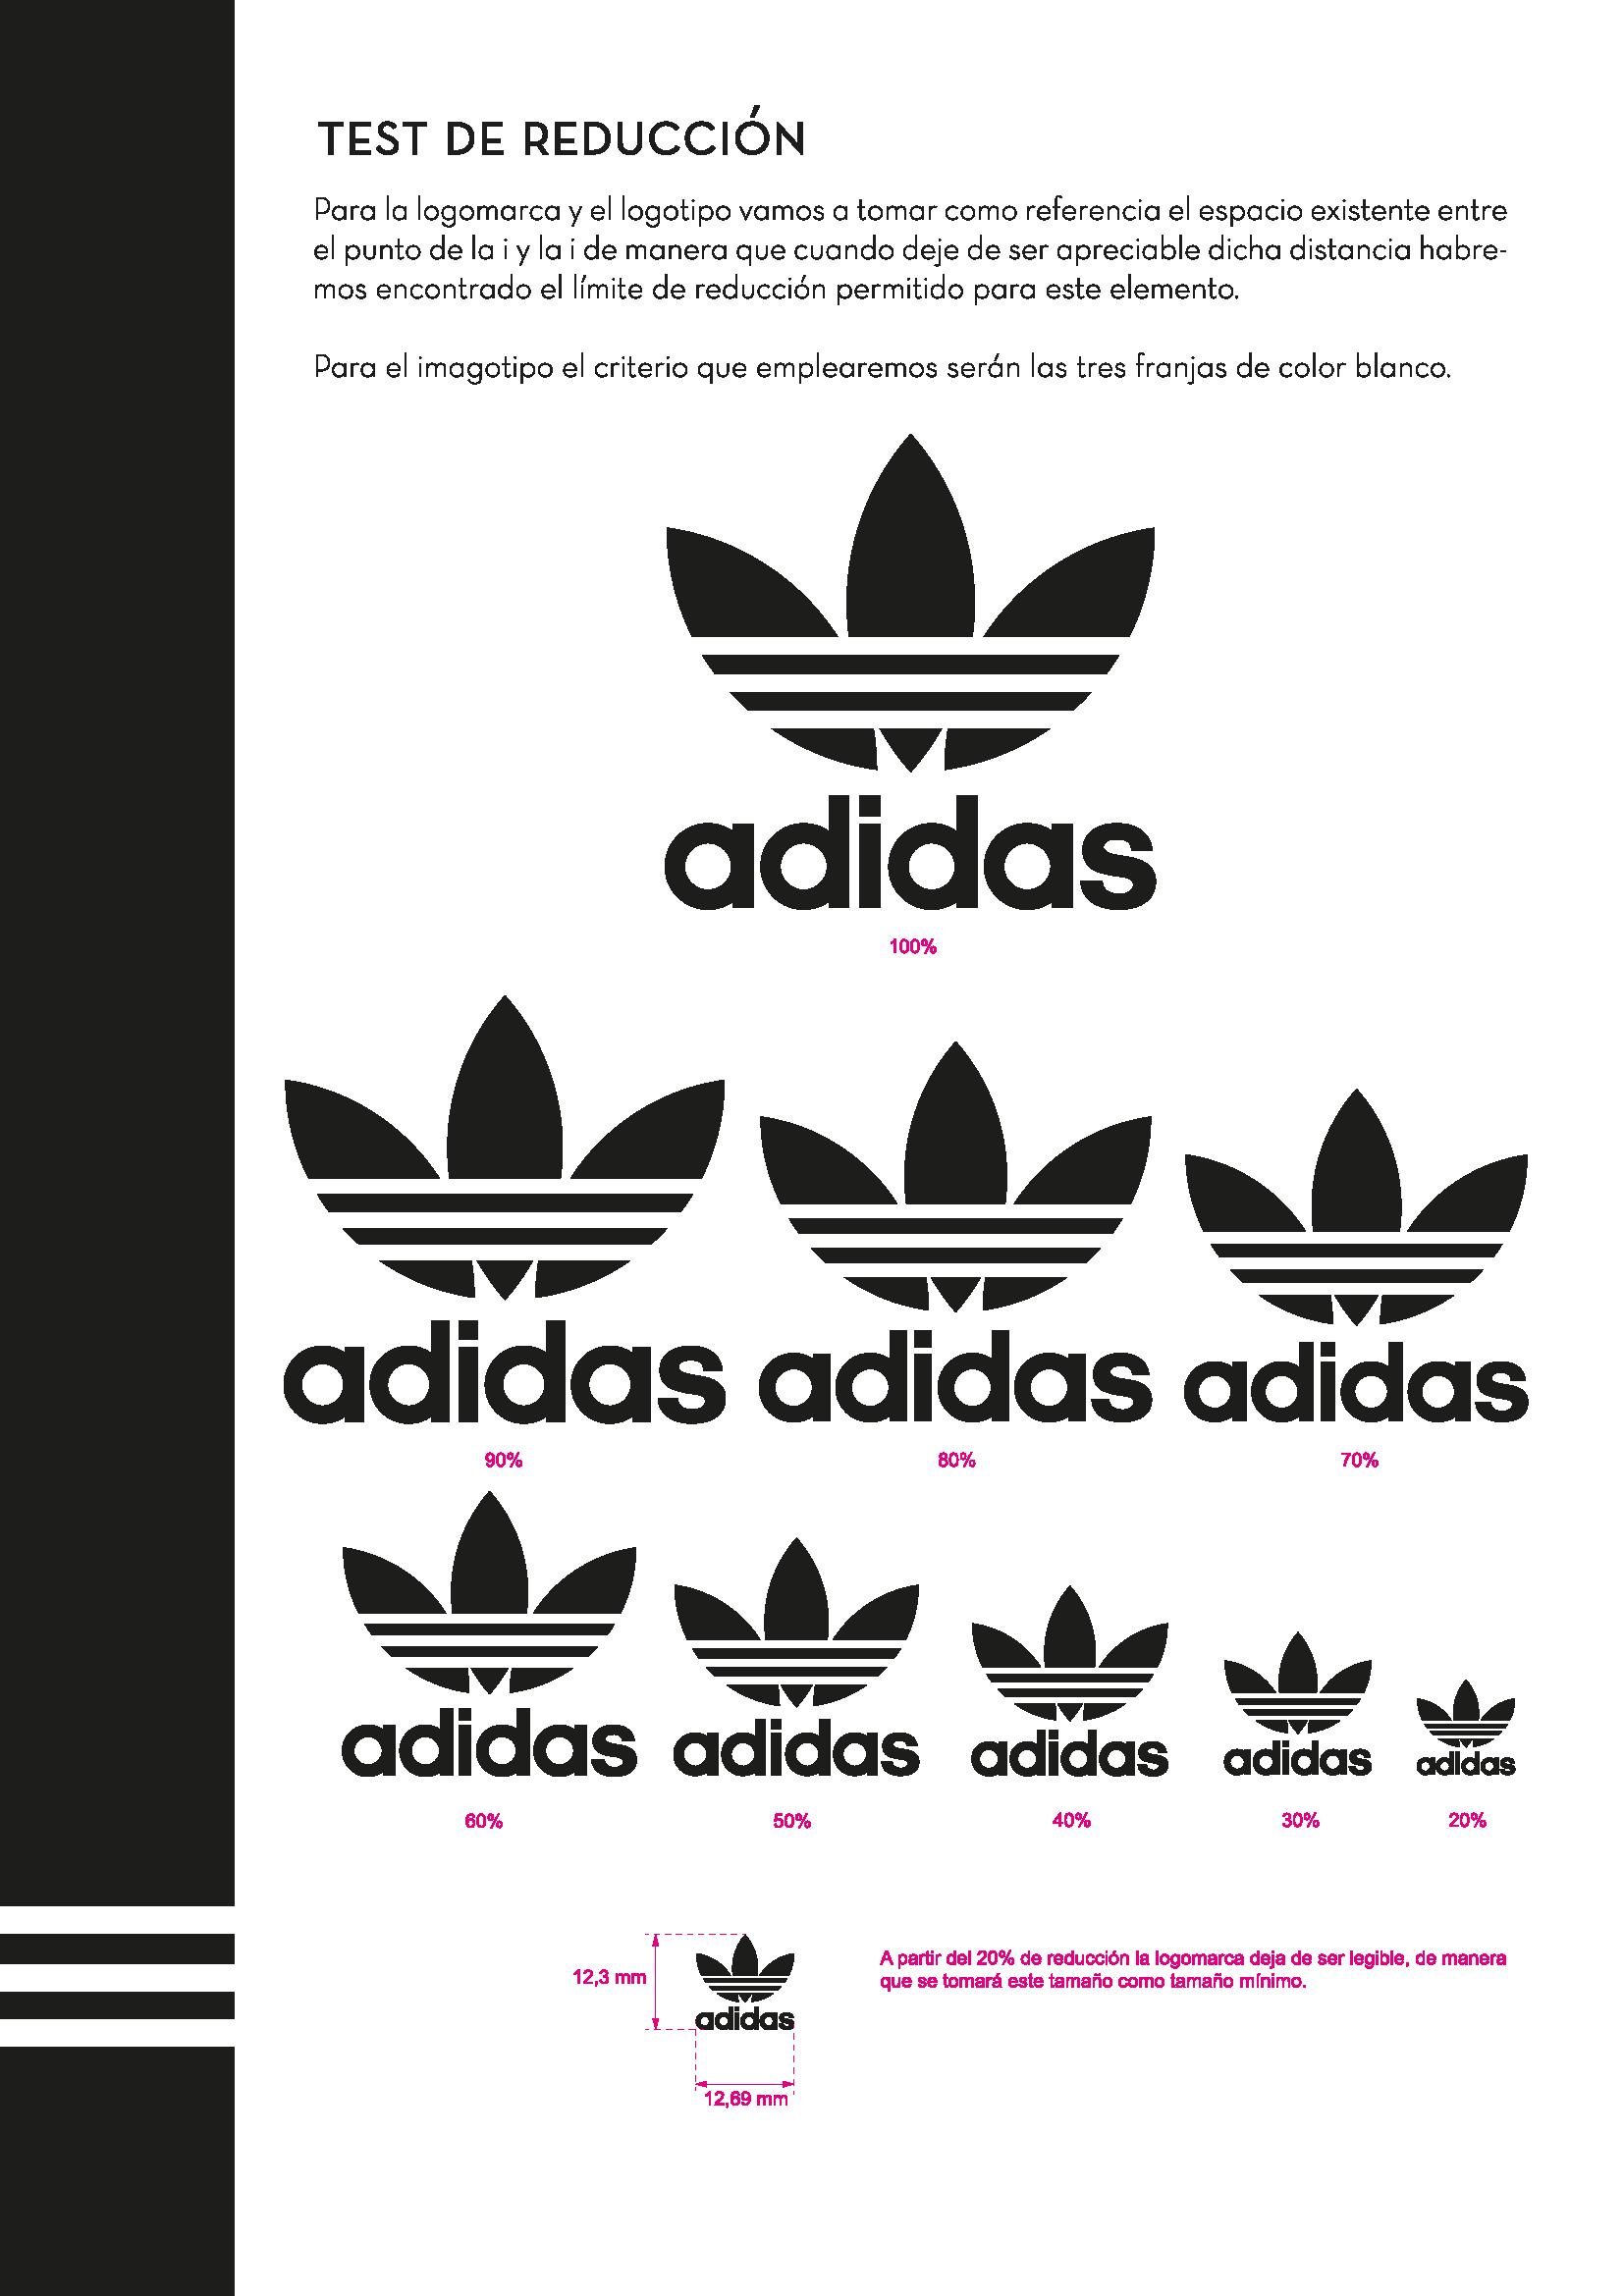 Reducción de la logomarca